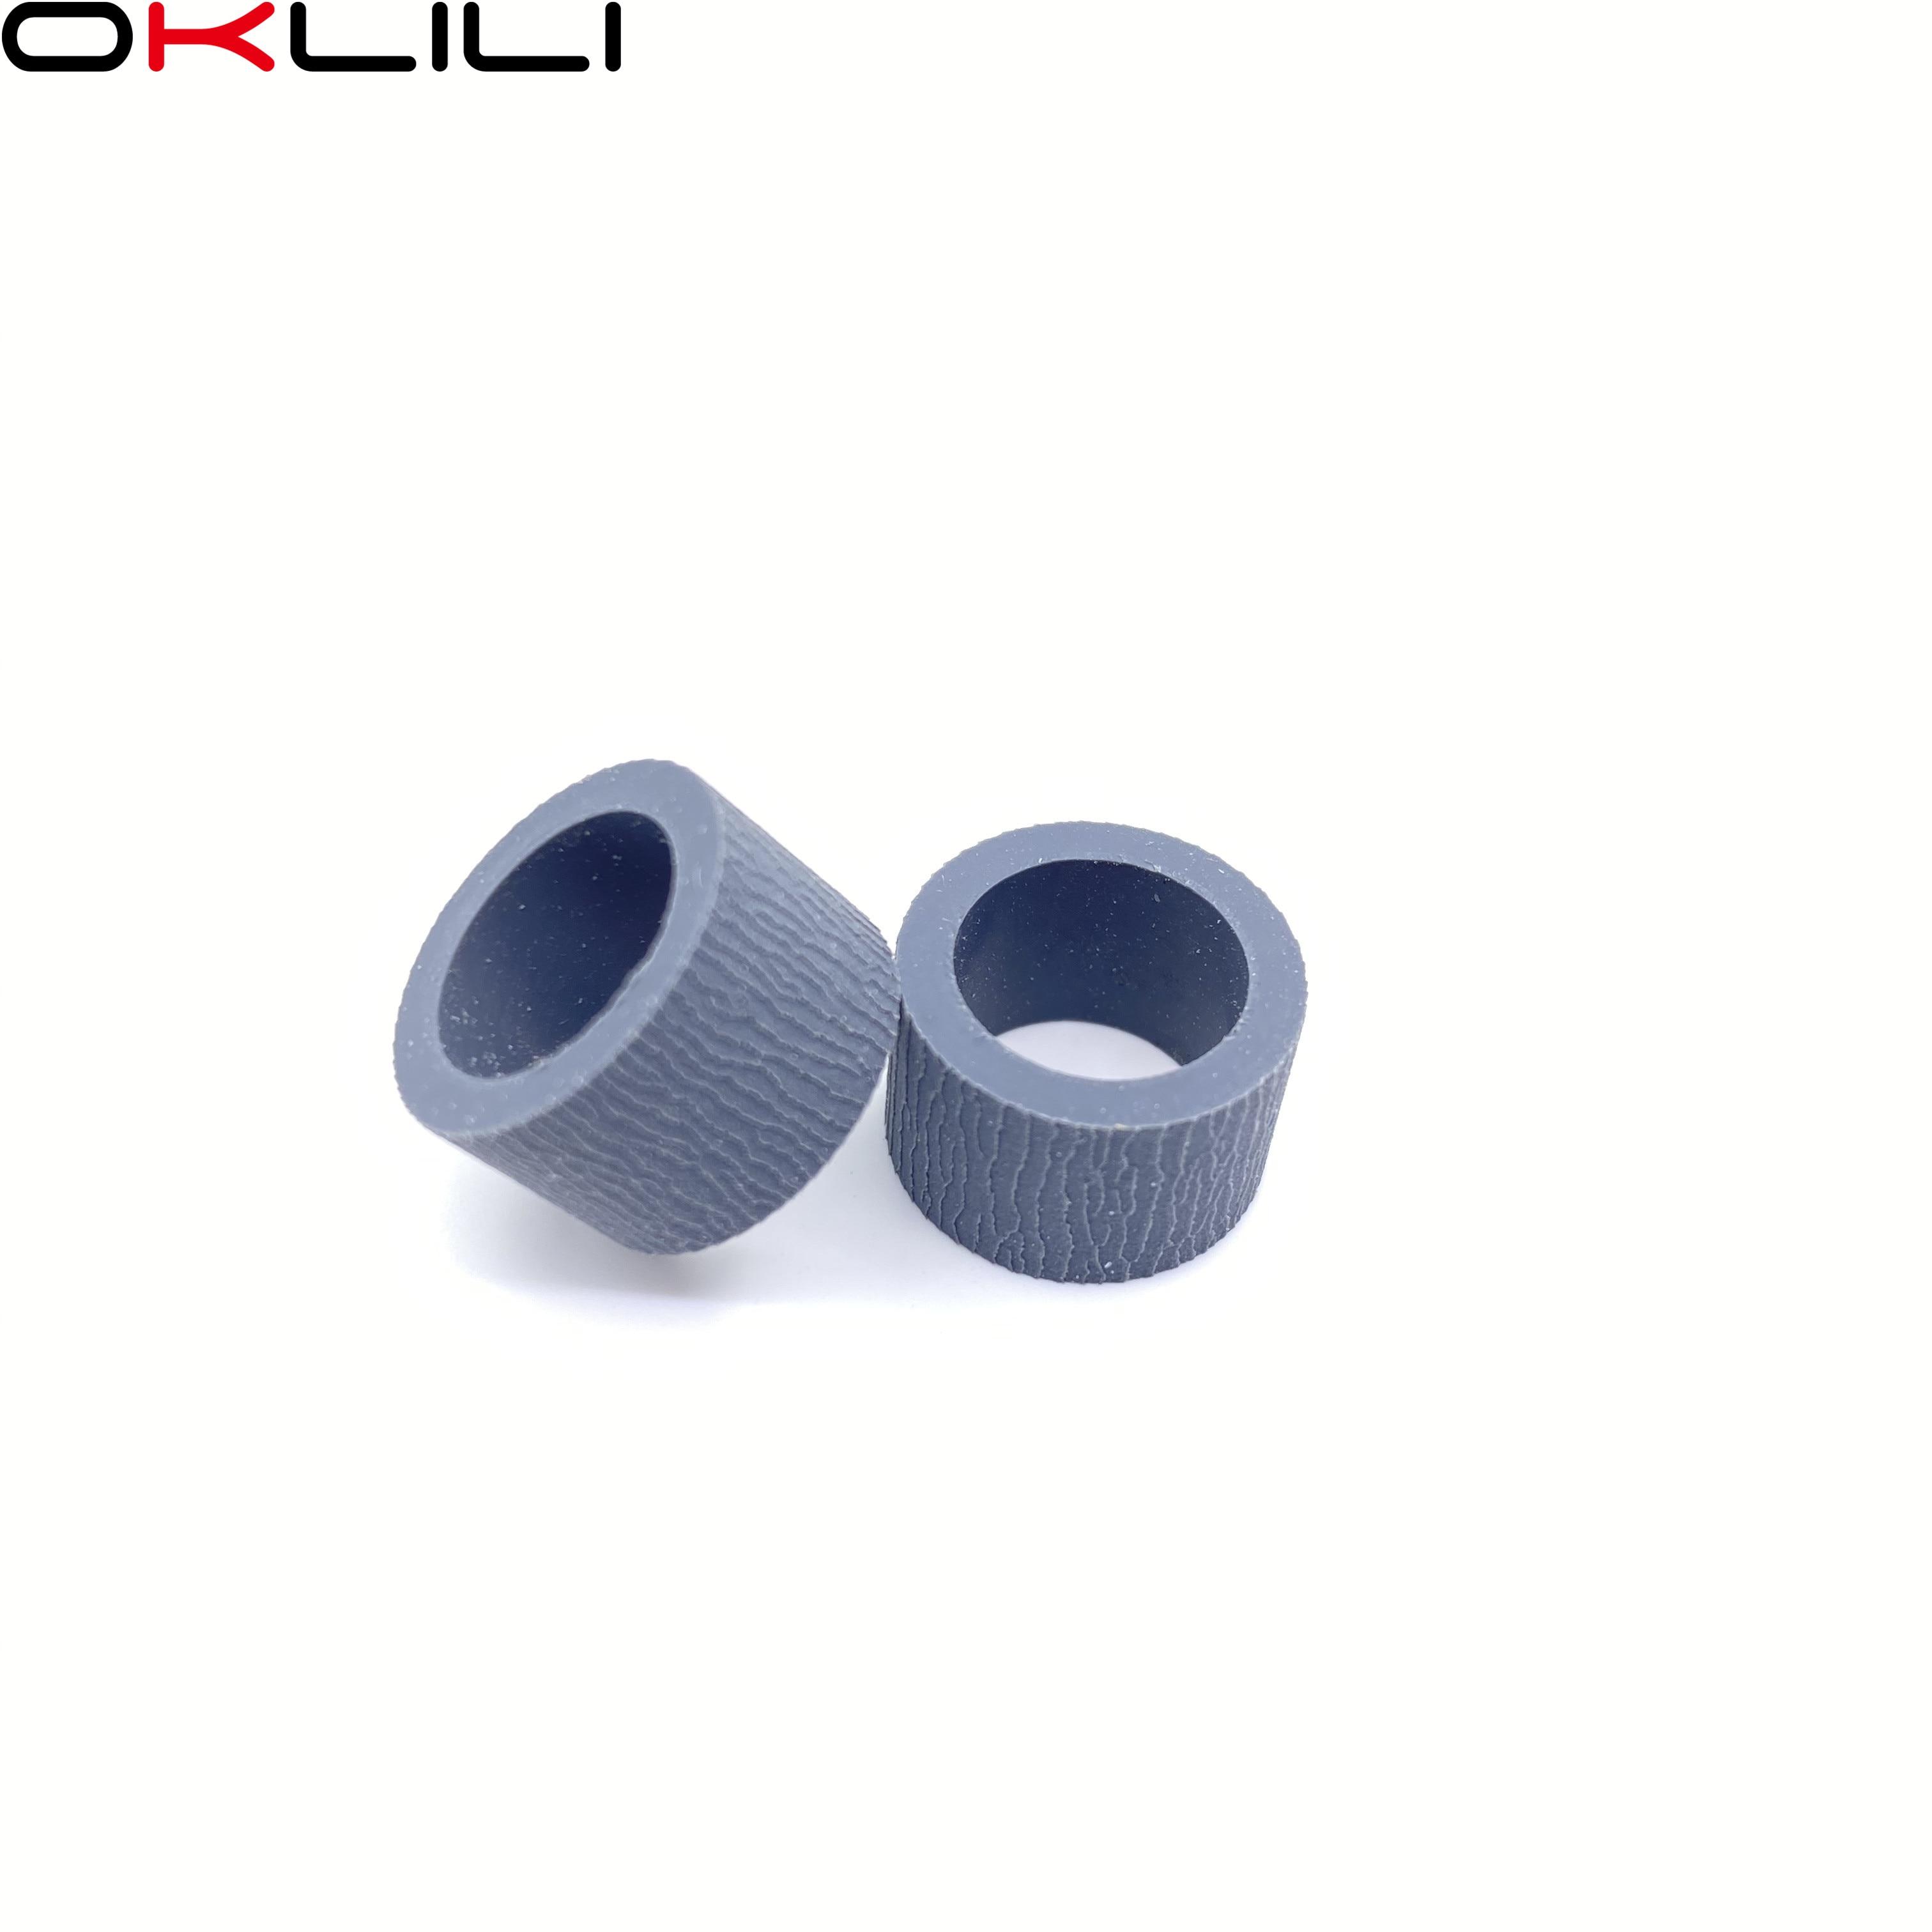 2PC X Alimentação Pickup Roller para EPSON L600 L605 L606 L650 L655 L656 ET-4550 ET-3600 WF-2650 WF-2651 WF-2660 WF-2661 WF-2750 WF-2751